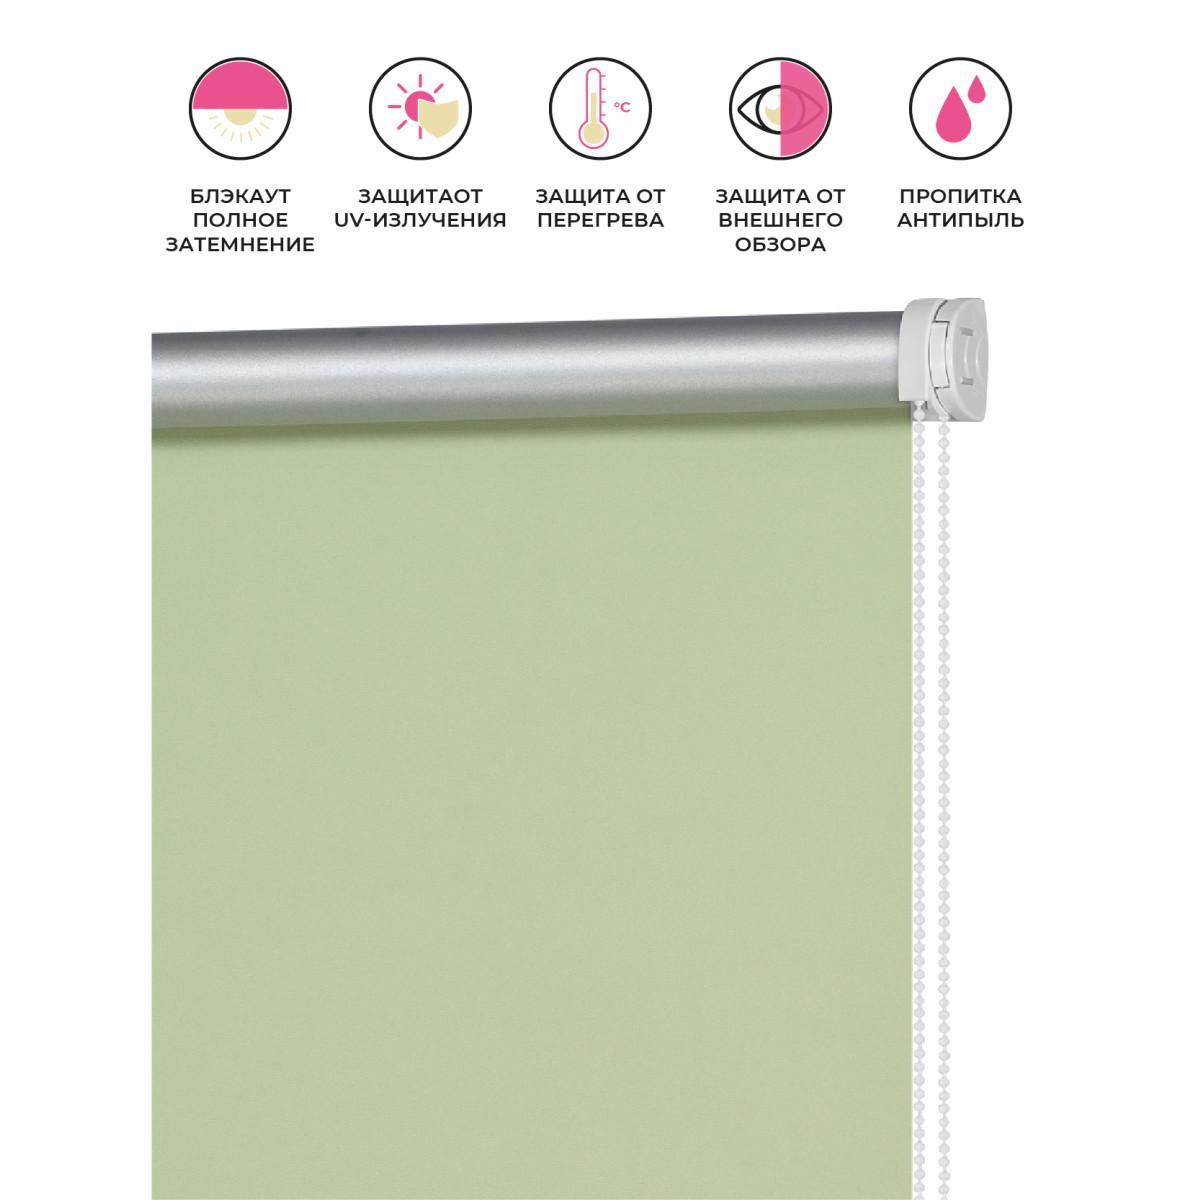 Рулонная Ора Decofest Блэкаут Плайн 50Х160 Цвет Зеленый